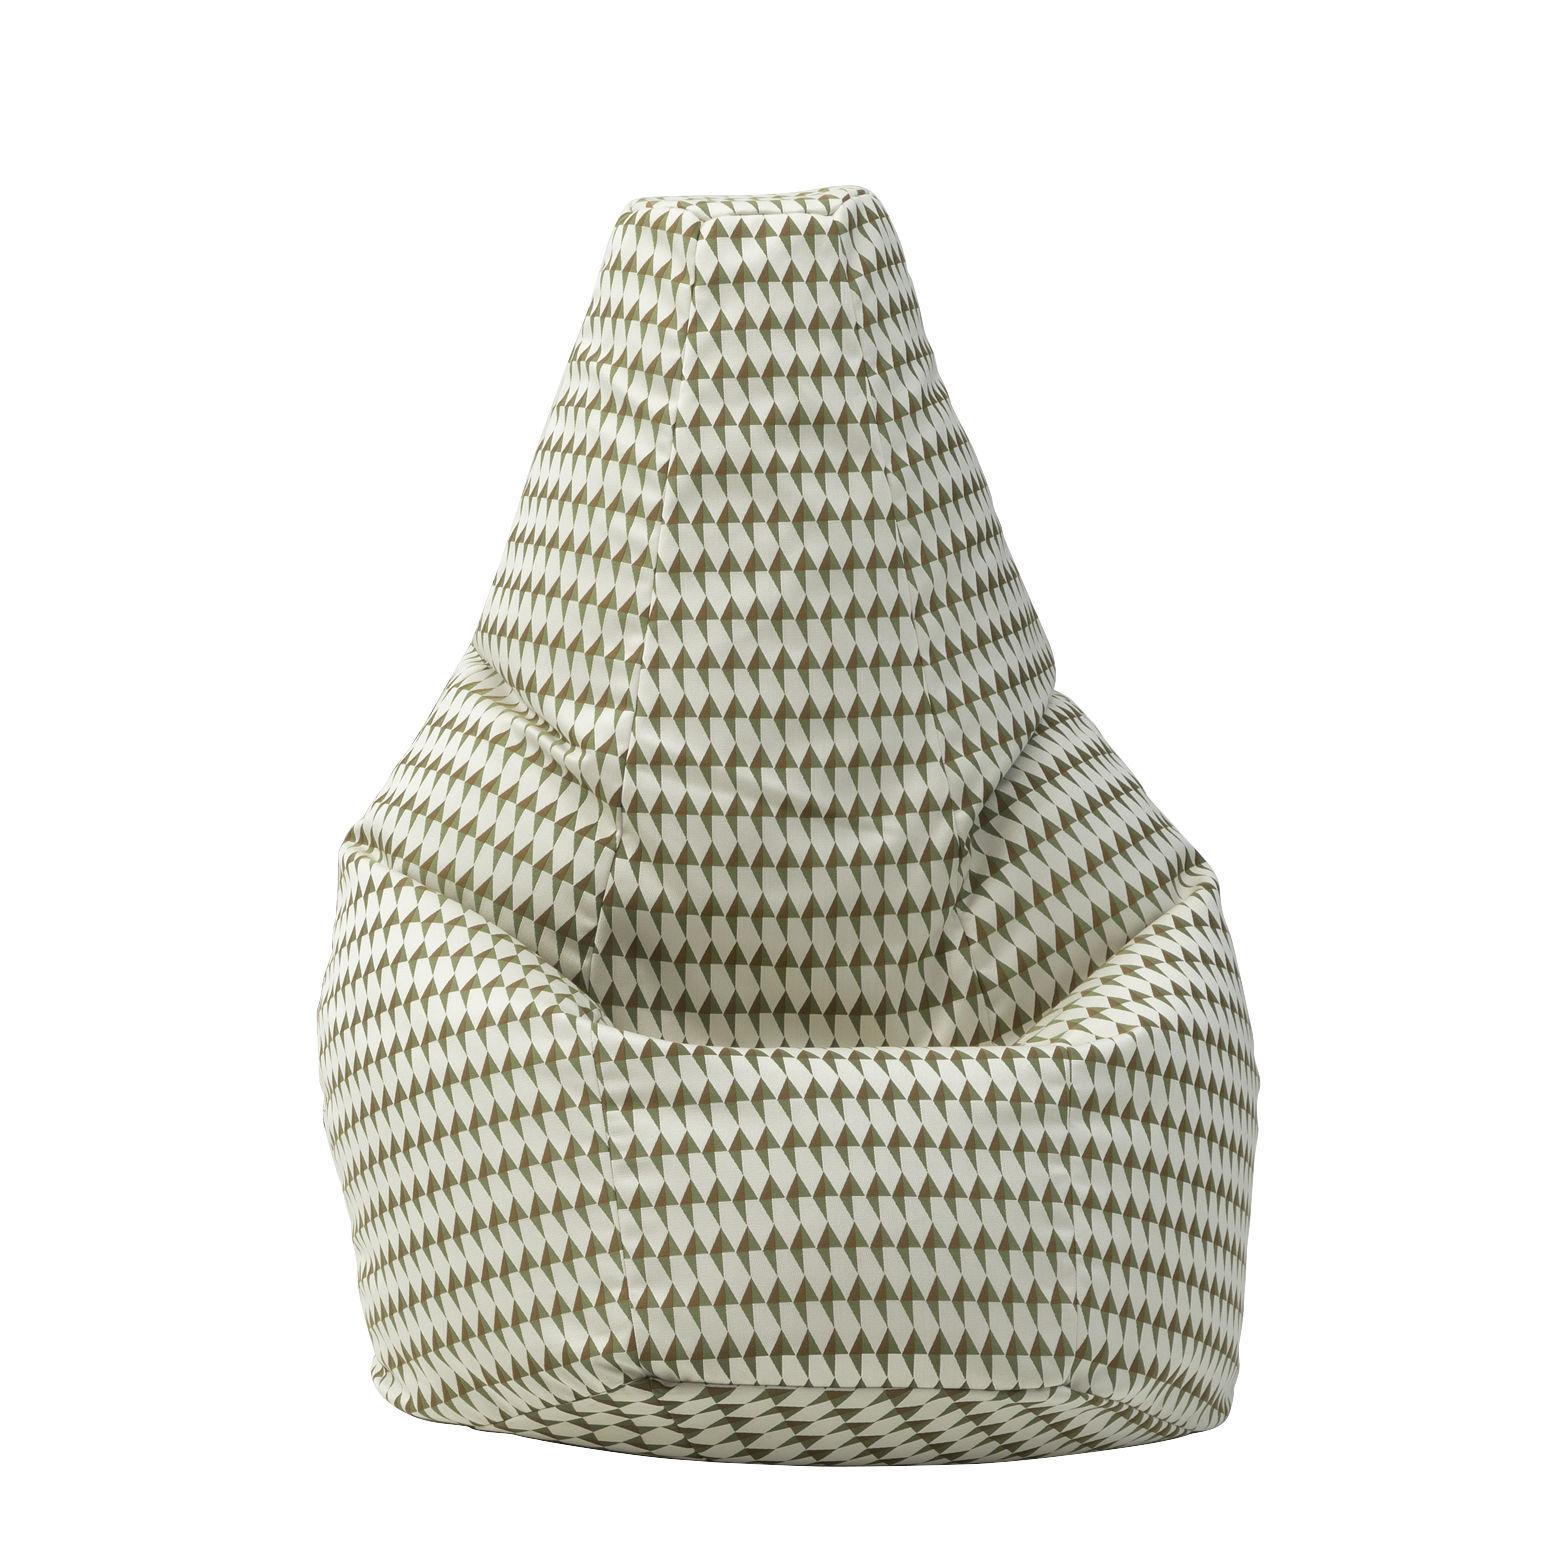 Mobilier - Poufs - Pouf Sacco Tulip / Modèle original de 1968 - L 80 x H 68 cm - Zanotta - Vert - Billes de polystyrène, Coton